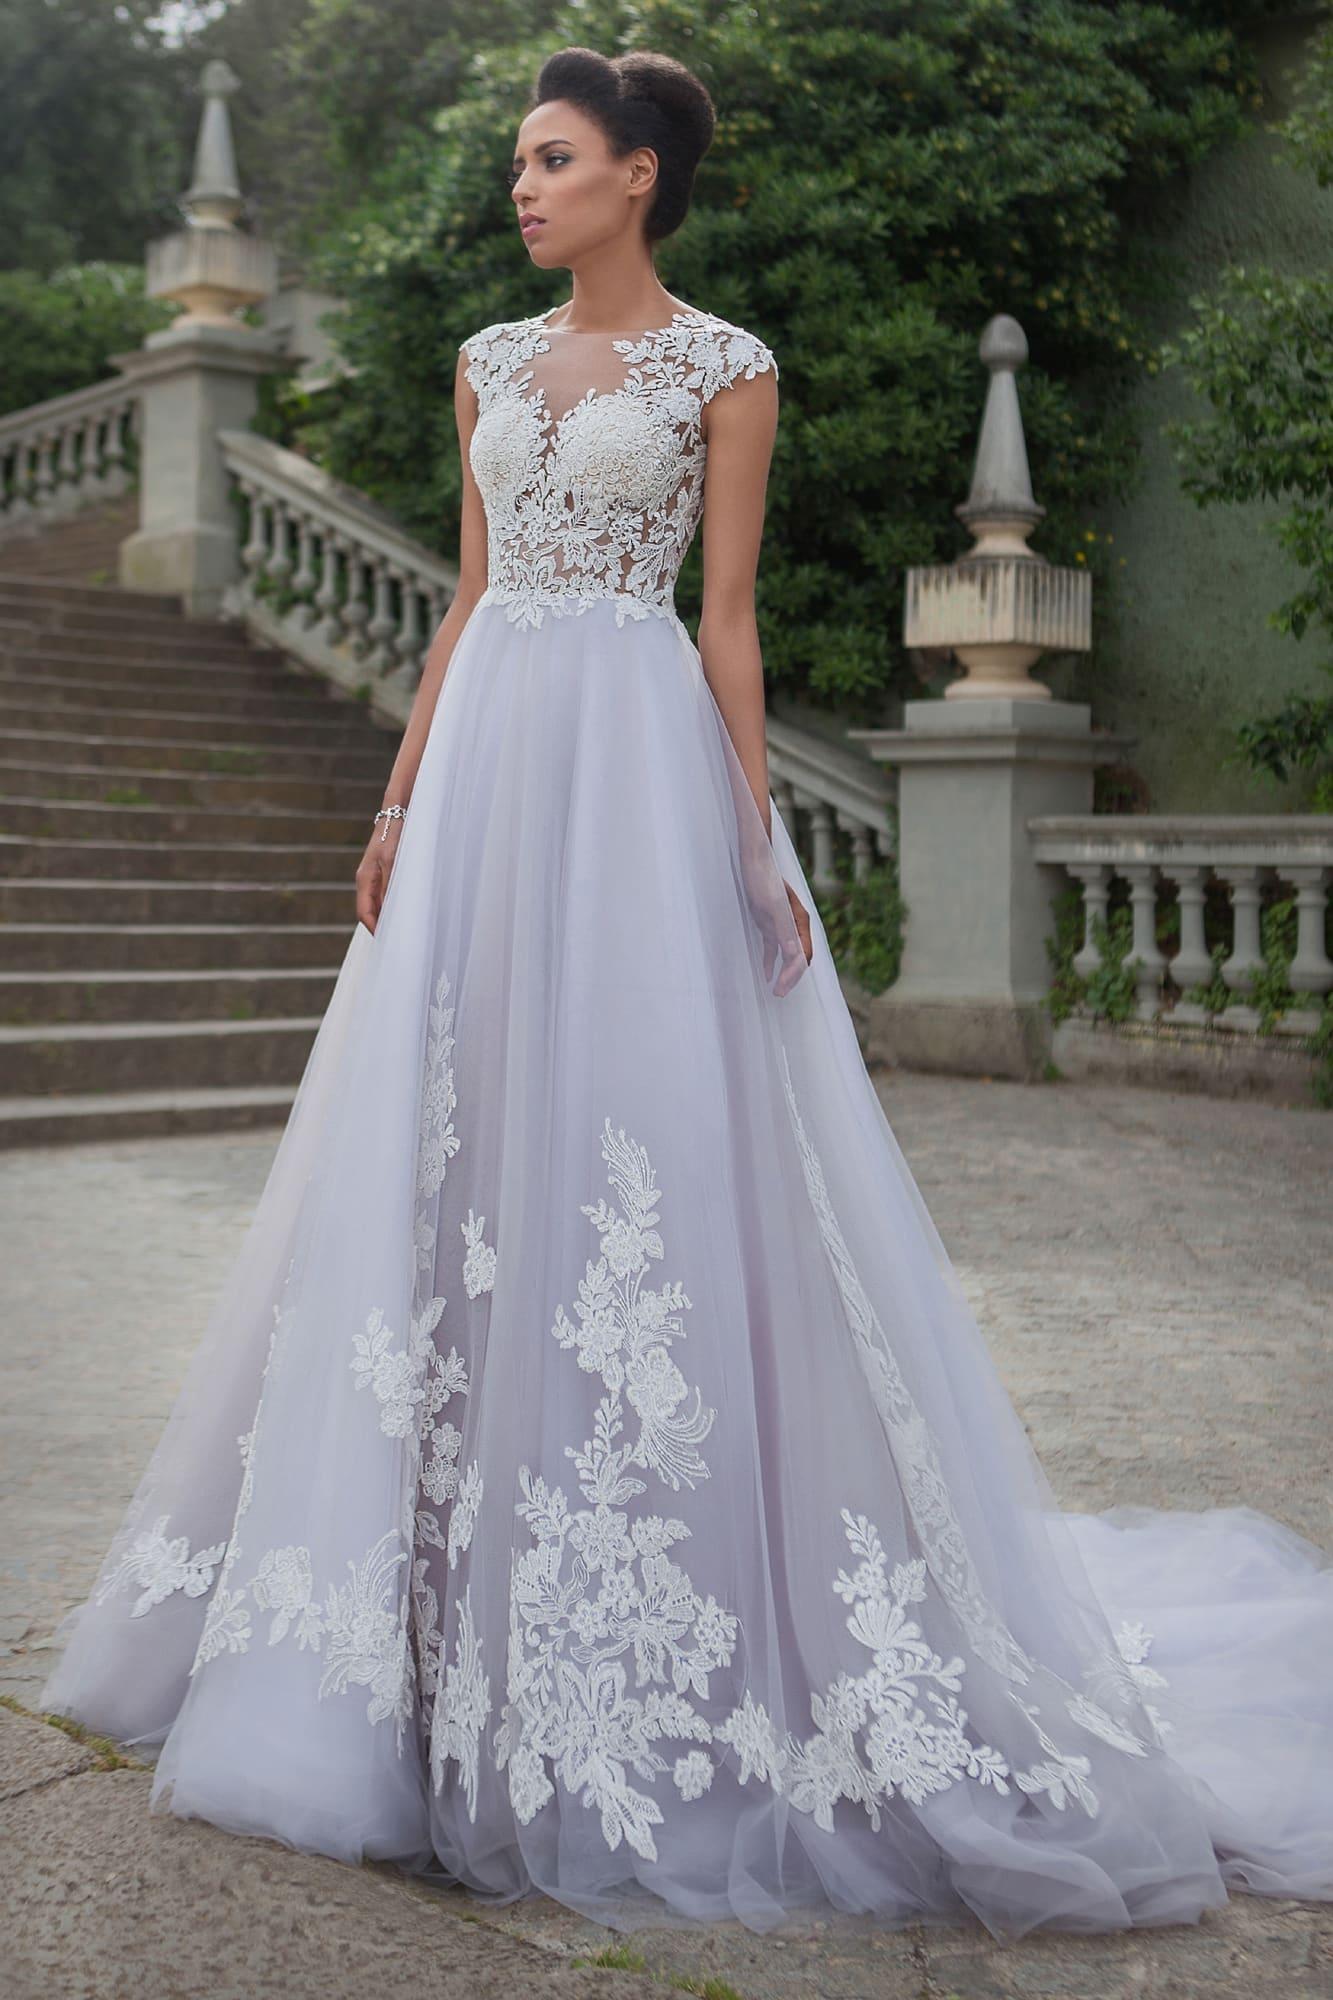 5a398c432a0 Свадебное платье «принцесса» с кружевной отделкой и полупрозрачным корсетом.